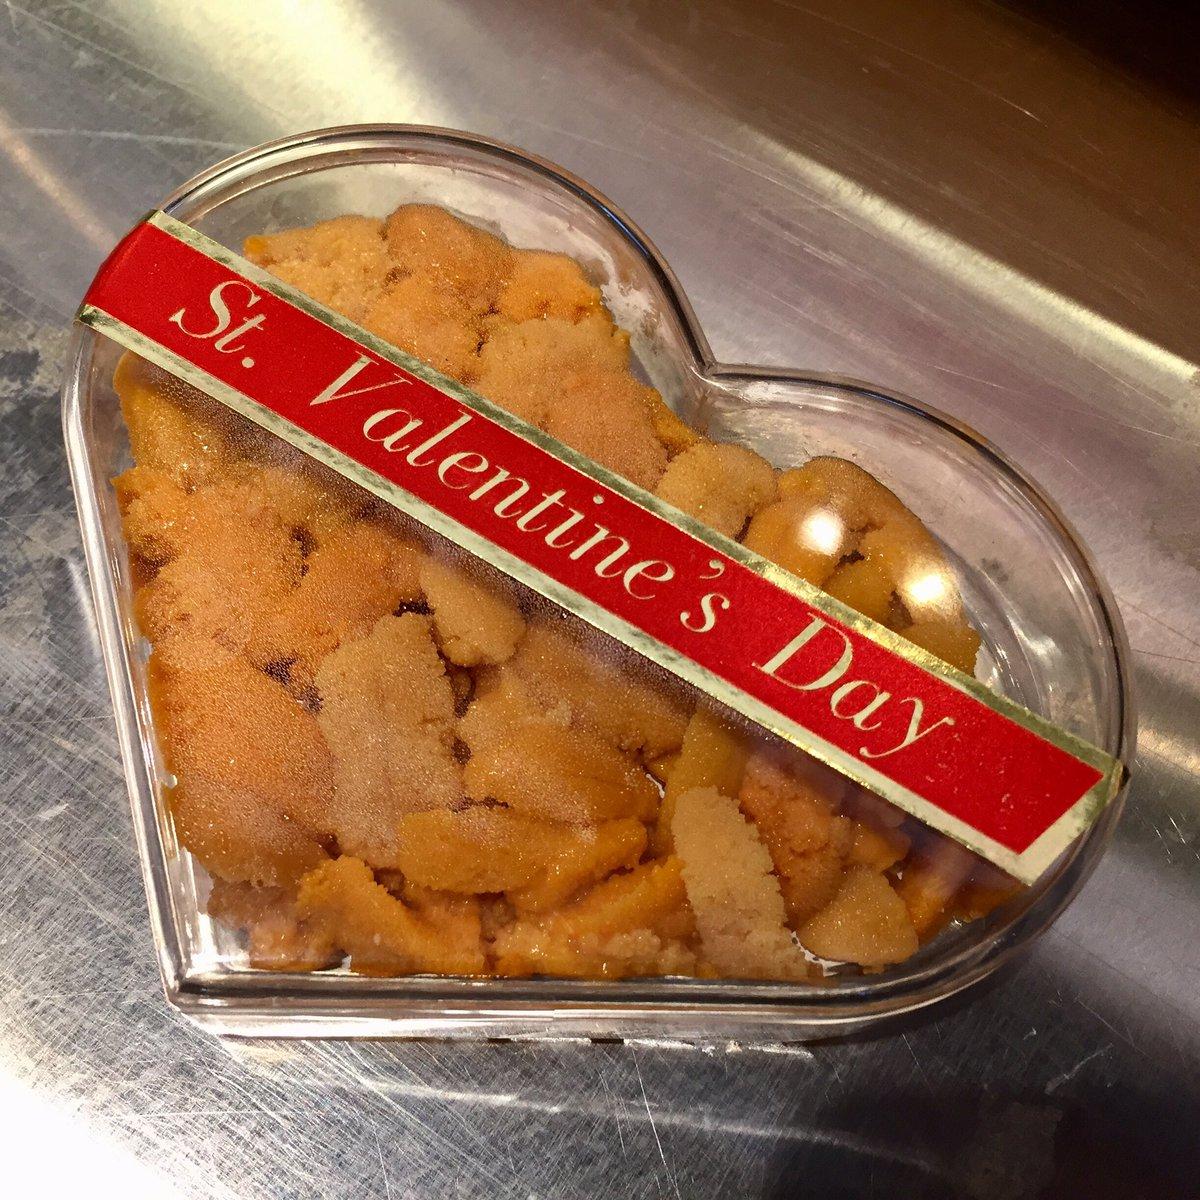 2/14 ハッピーバレンタイン! とうことで、大川魚店では、バレンタインうにを販売します。 四倉、泉店ともに品揃えしております。お父さんにプレゼントしてあげてくださいね。 https://t.co/V5ai4C6coy